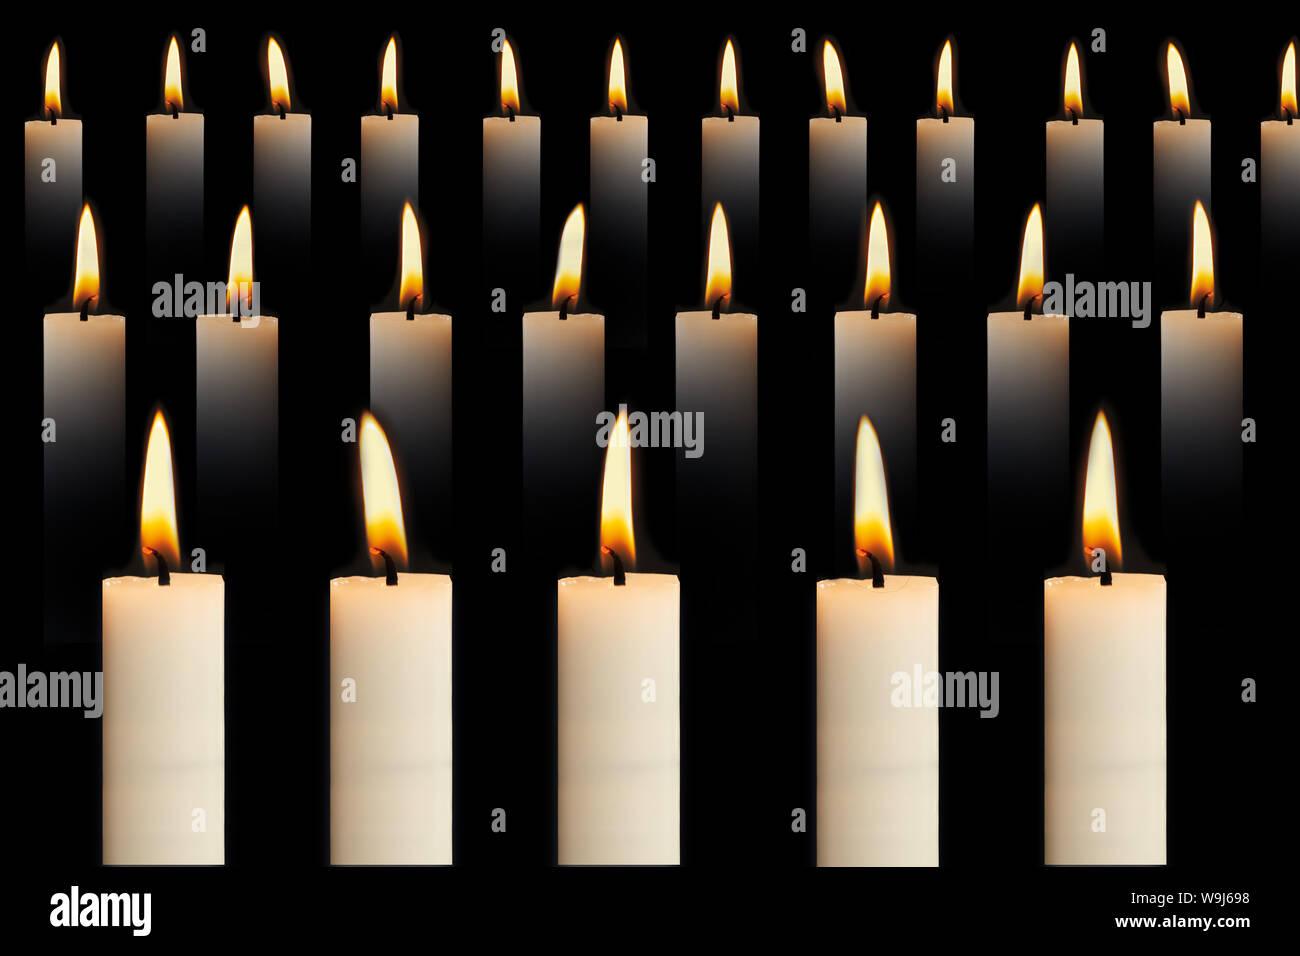 Muchas velas encendidas en filas sobre fondo negro. La fe, la religión, el honor o el concepto de espiritualidad. - Imagen Foto de stock